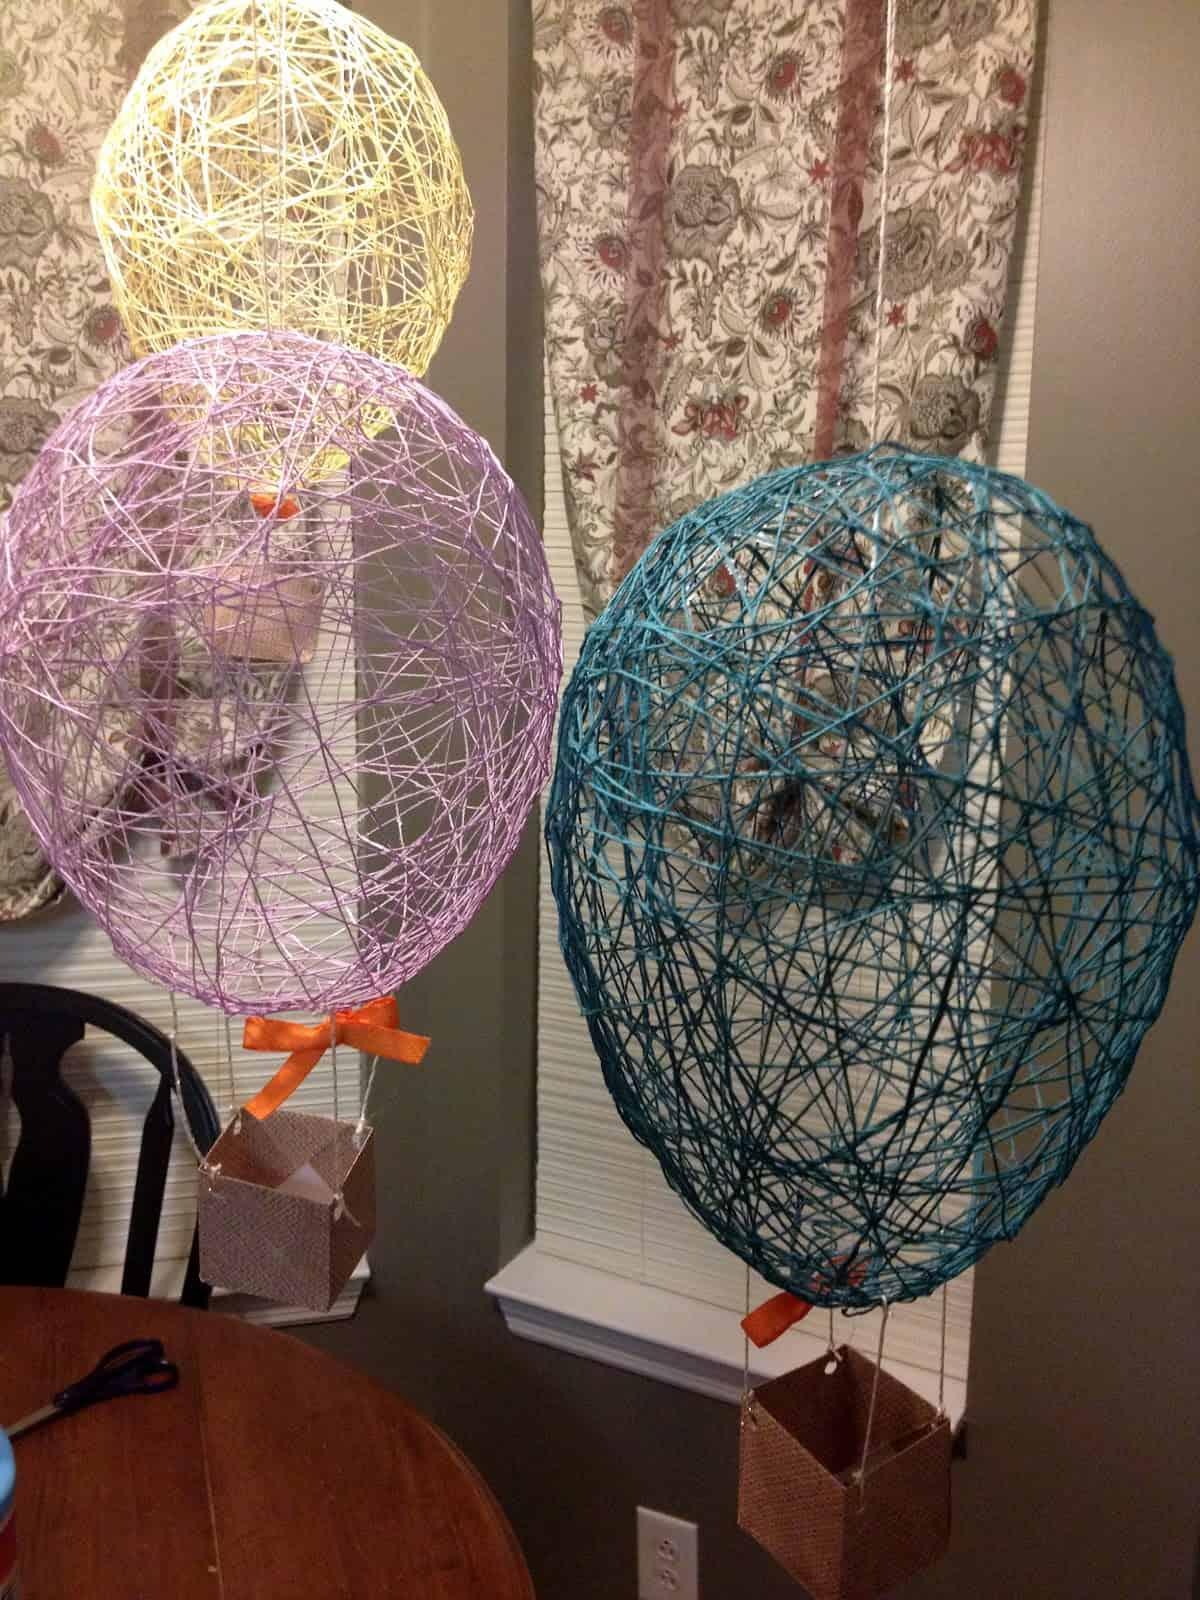 Pretty string and glue hot air balloons